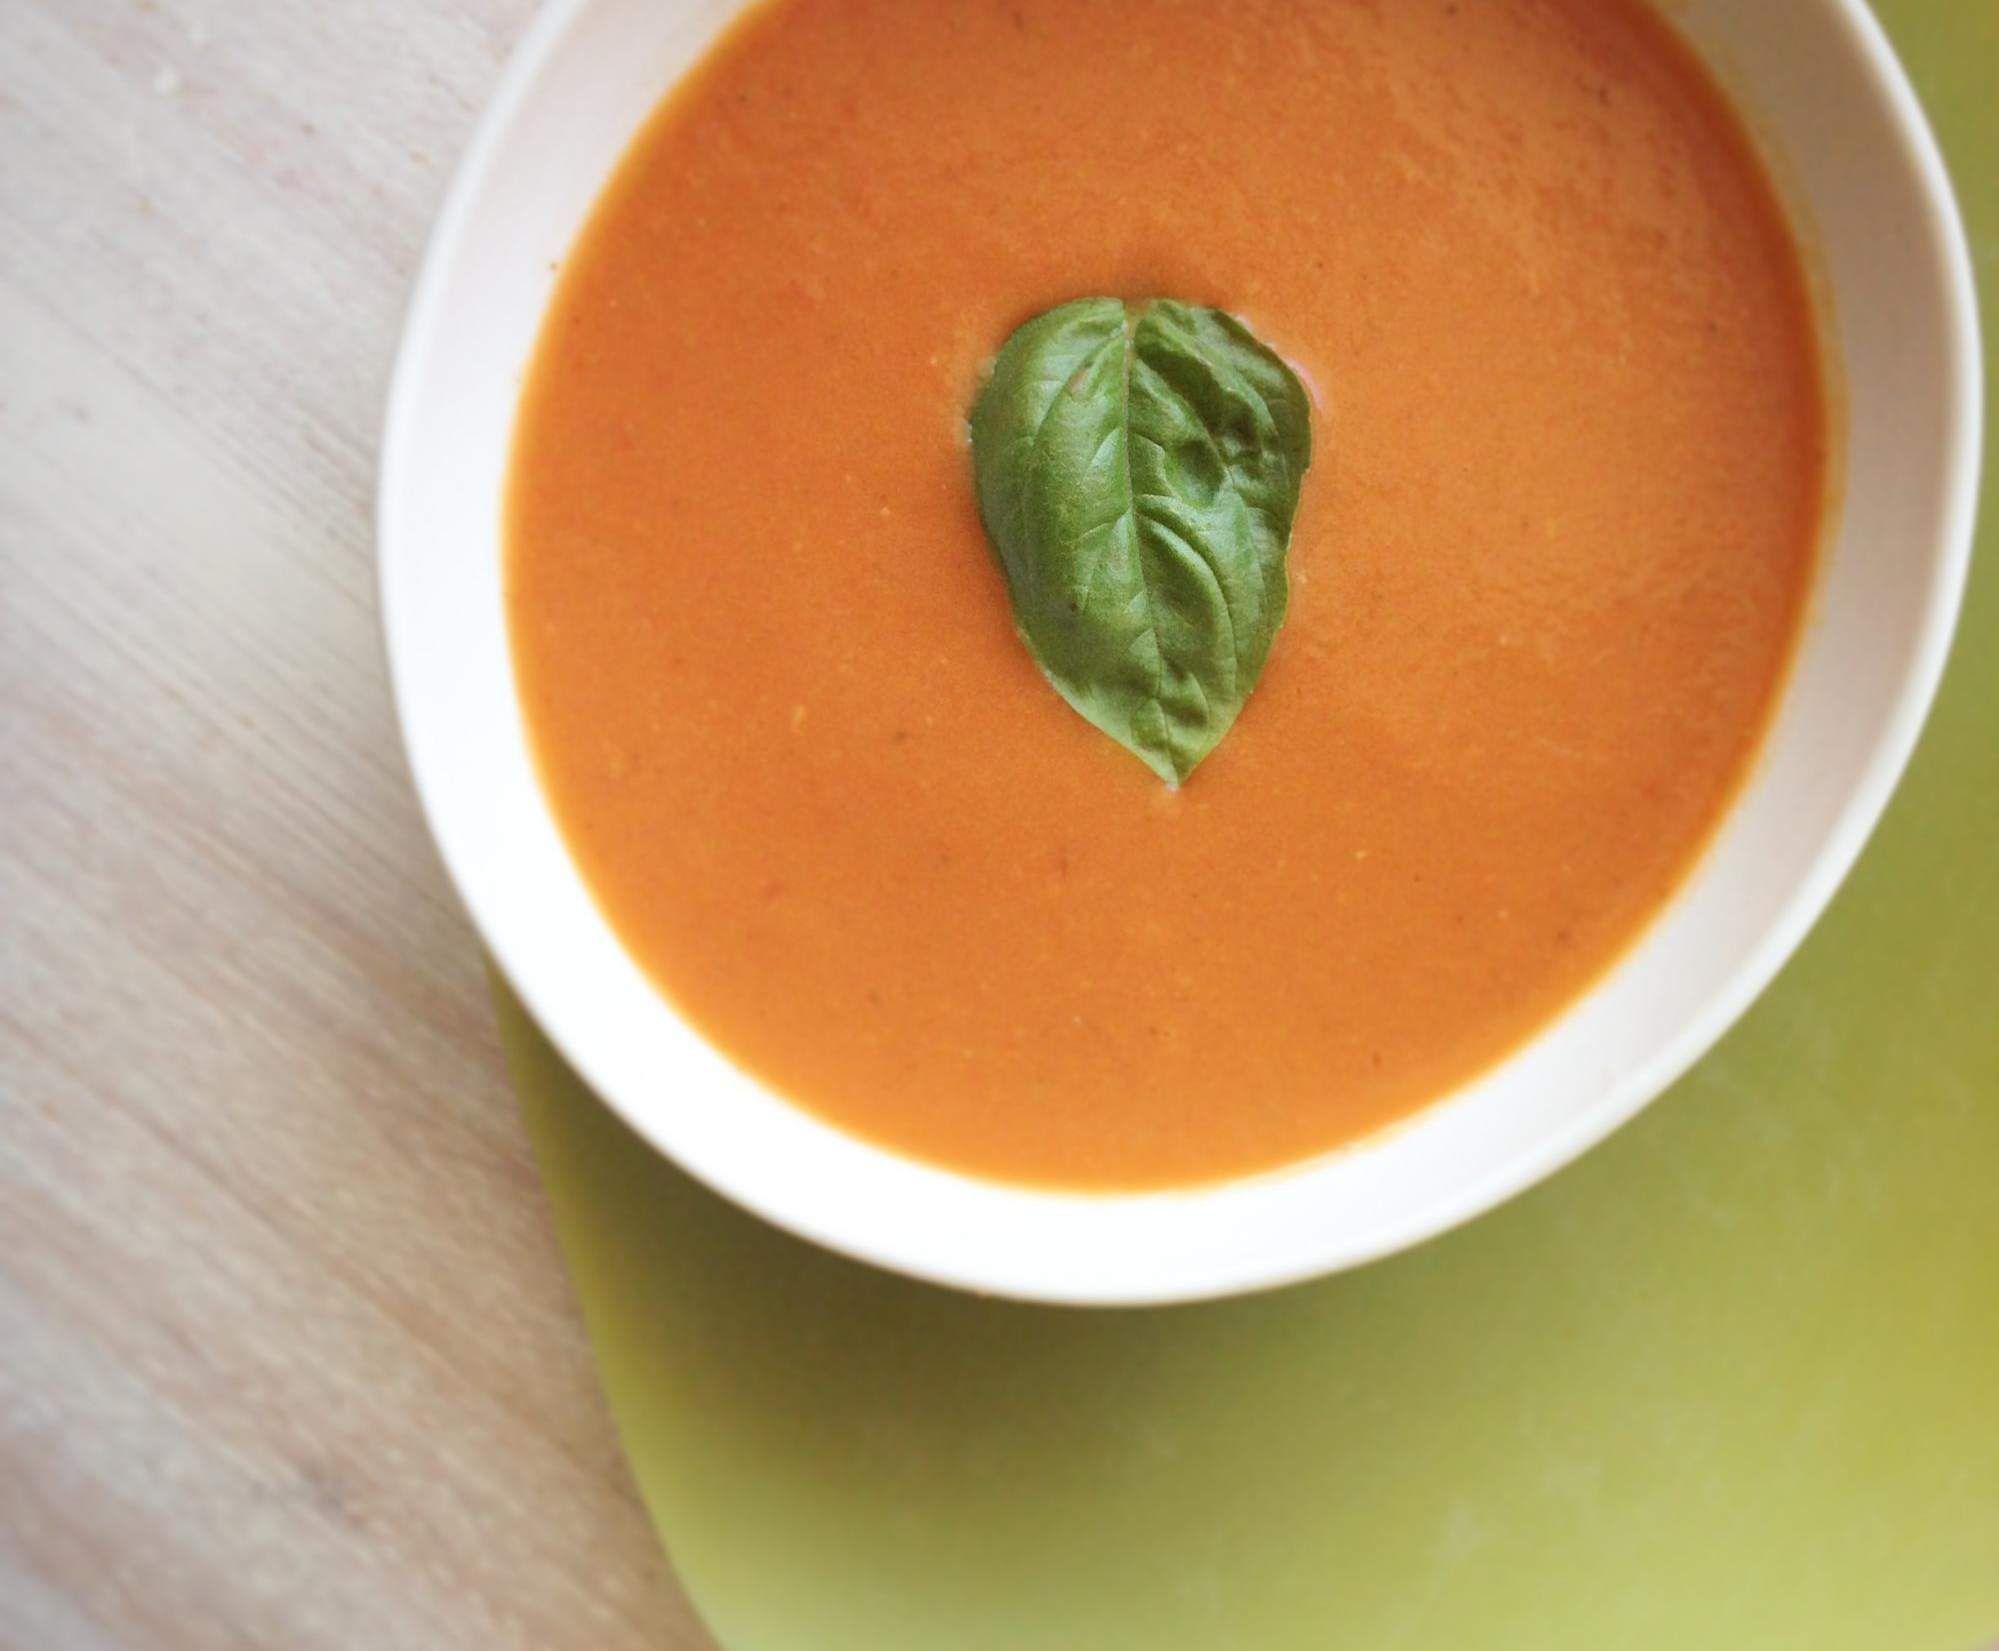 Rezept Tomatensuppe von frischen Tomaten von diana-creates - Rezept der Kategorie Suppen